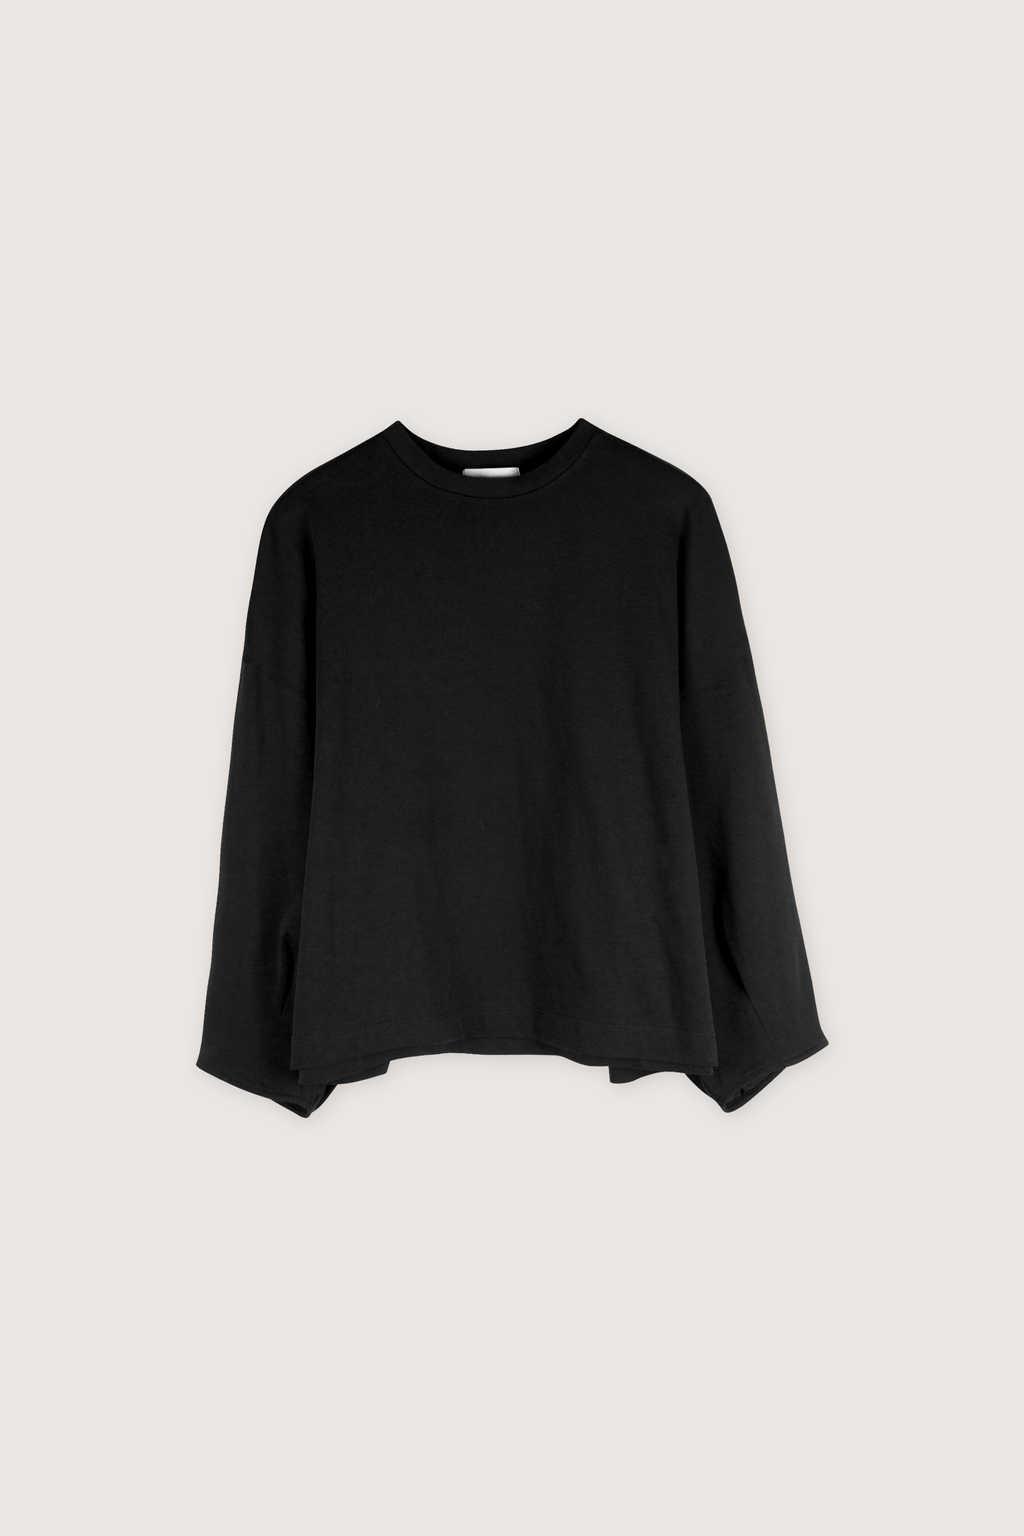 TShirt 2249 Black 7